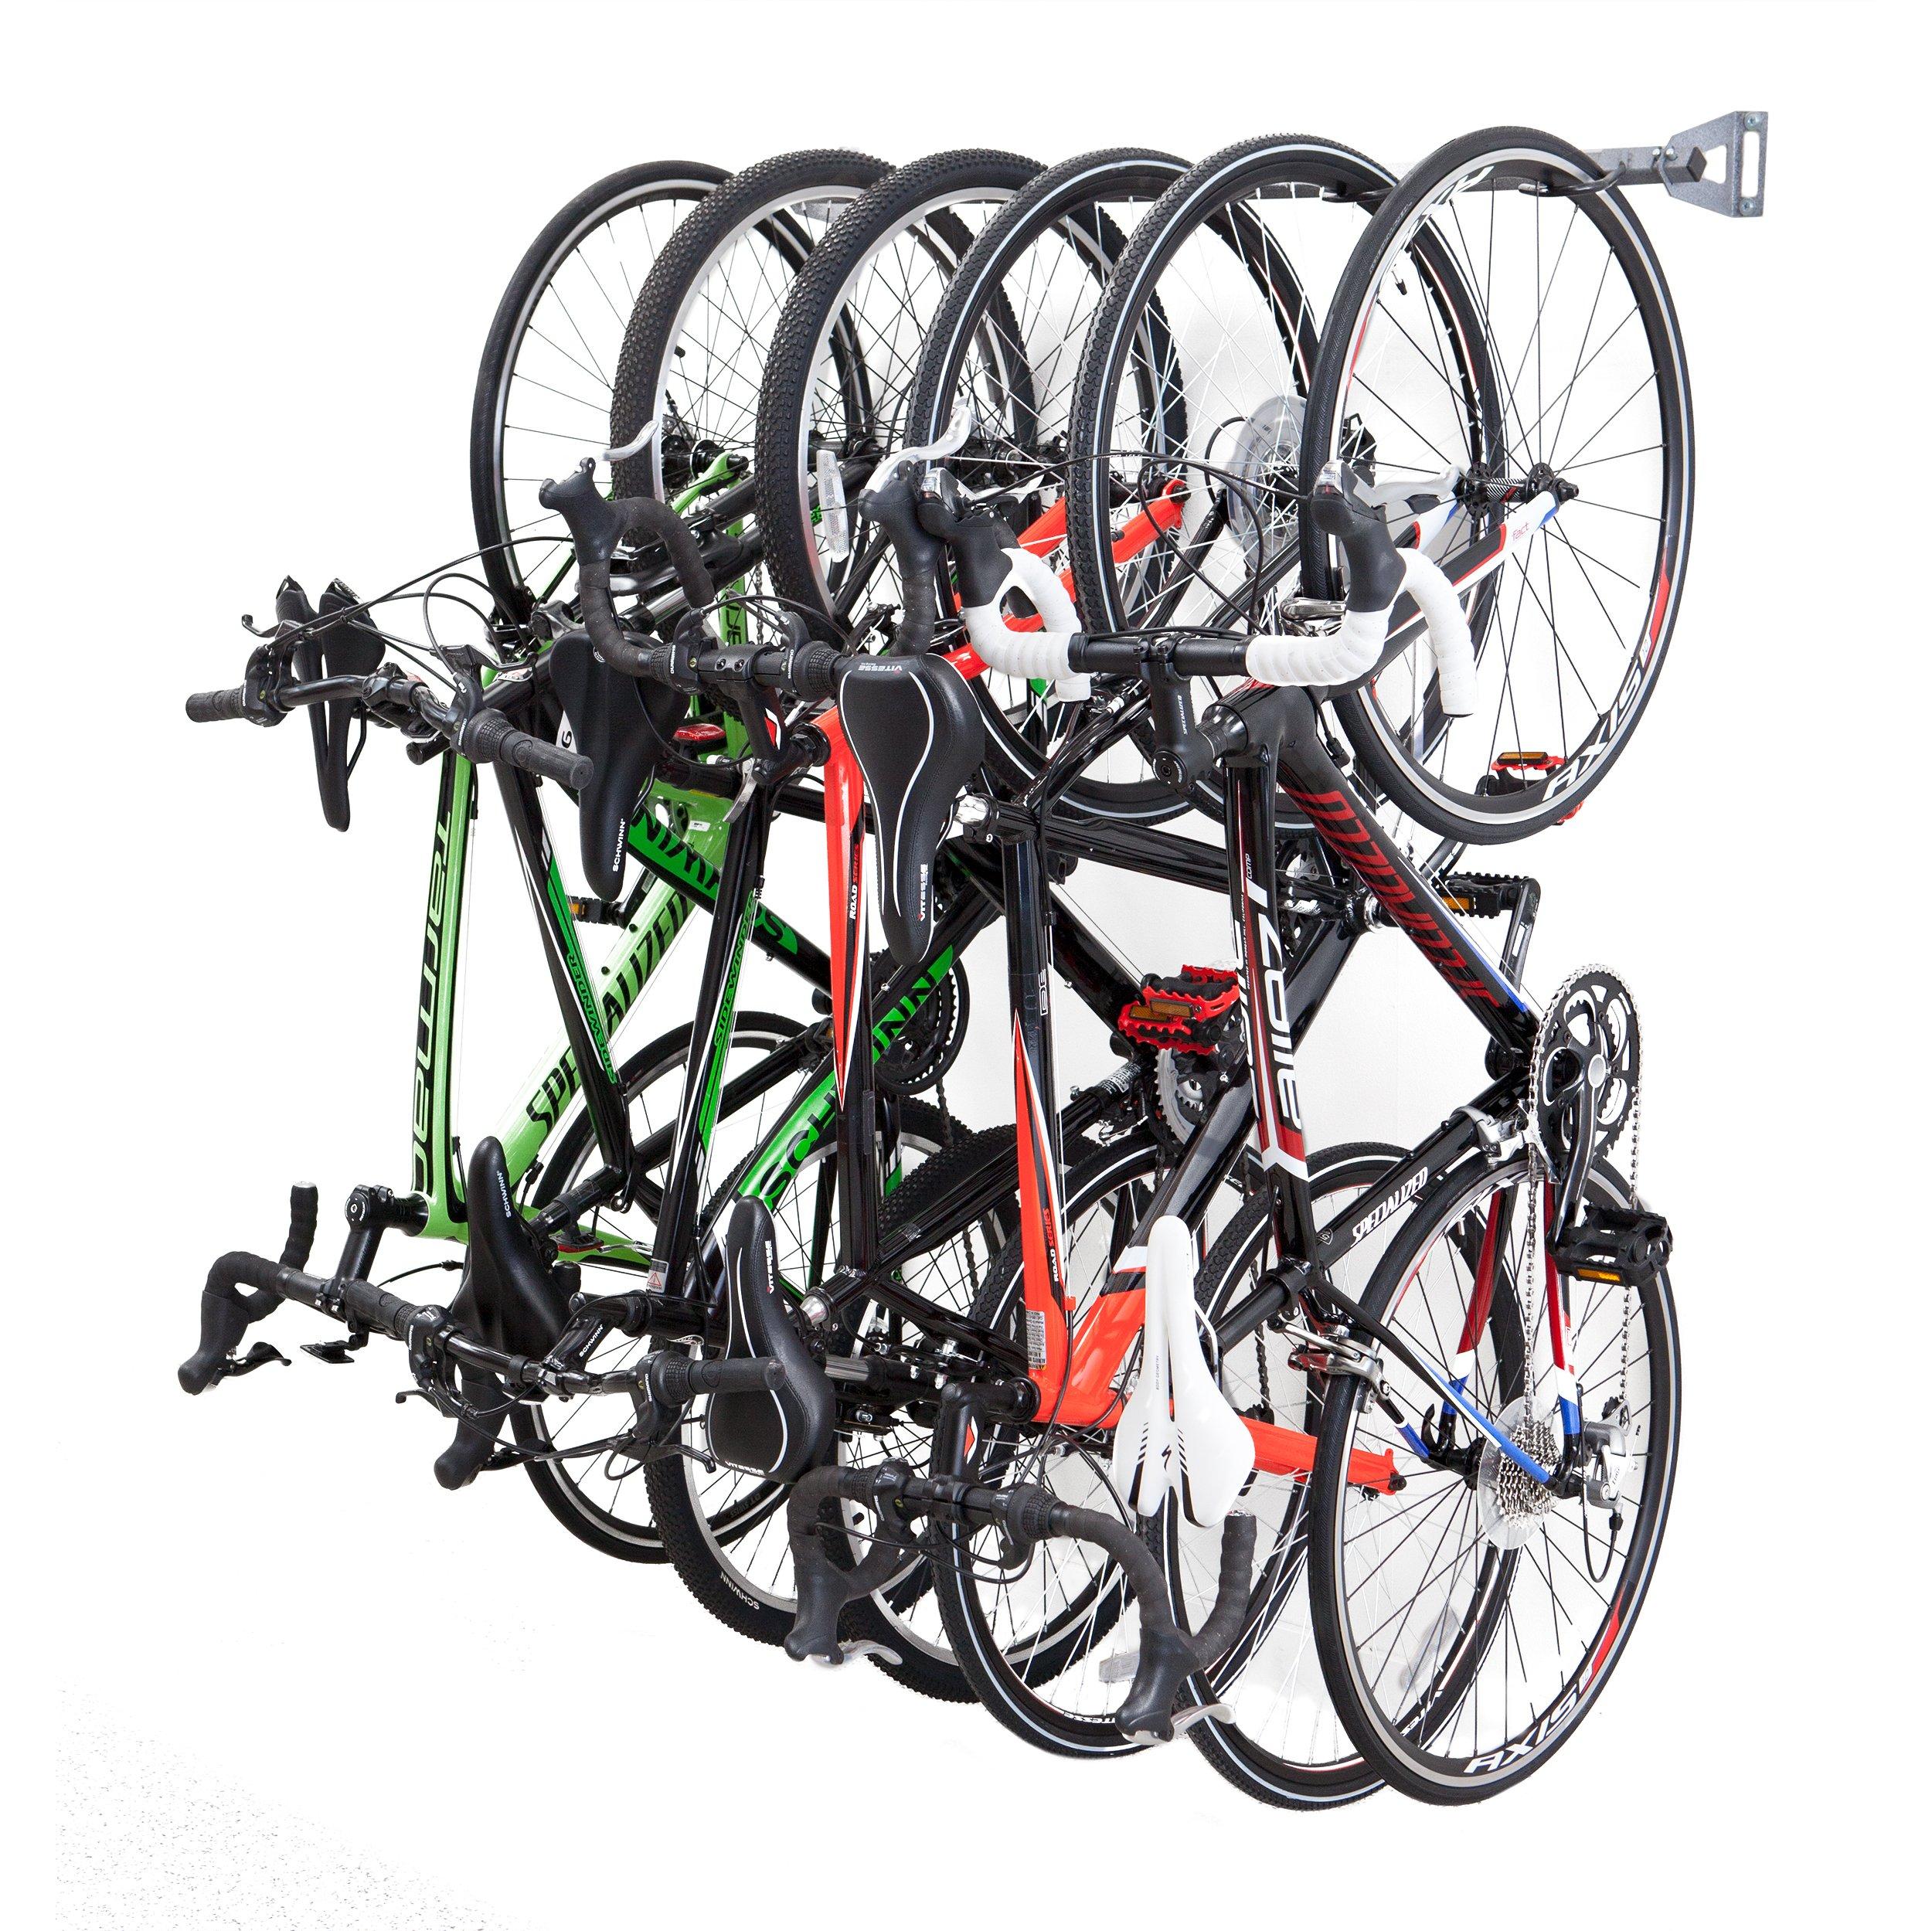 Bike Storage Racks - Store Up To 6 Bikes - 200lb Weight Capacity by Monkey Bars